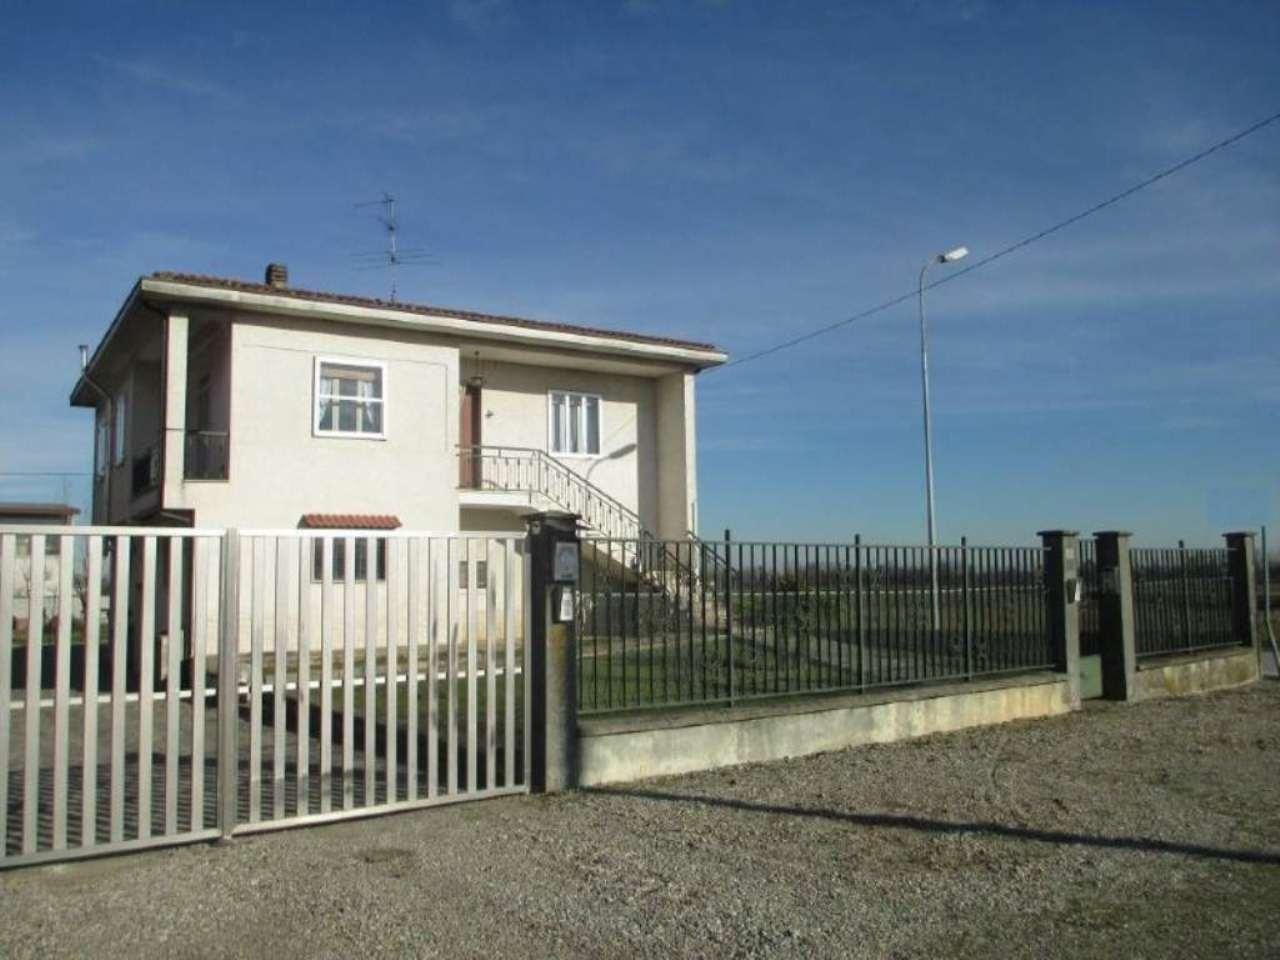 Villa in vendita a Casalmorano, 6 locali, prezzo € 245.000 | Cambio Casa.it